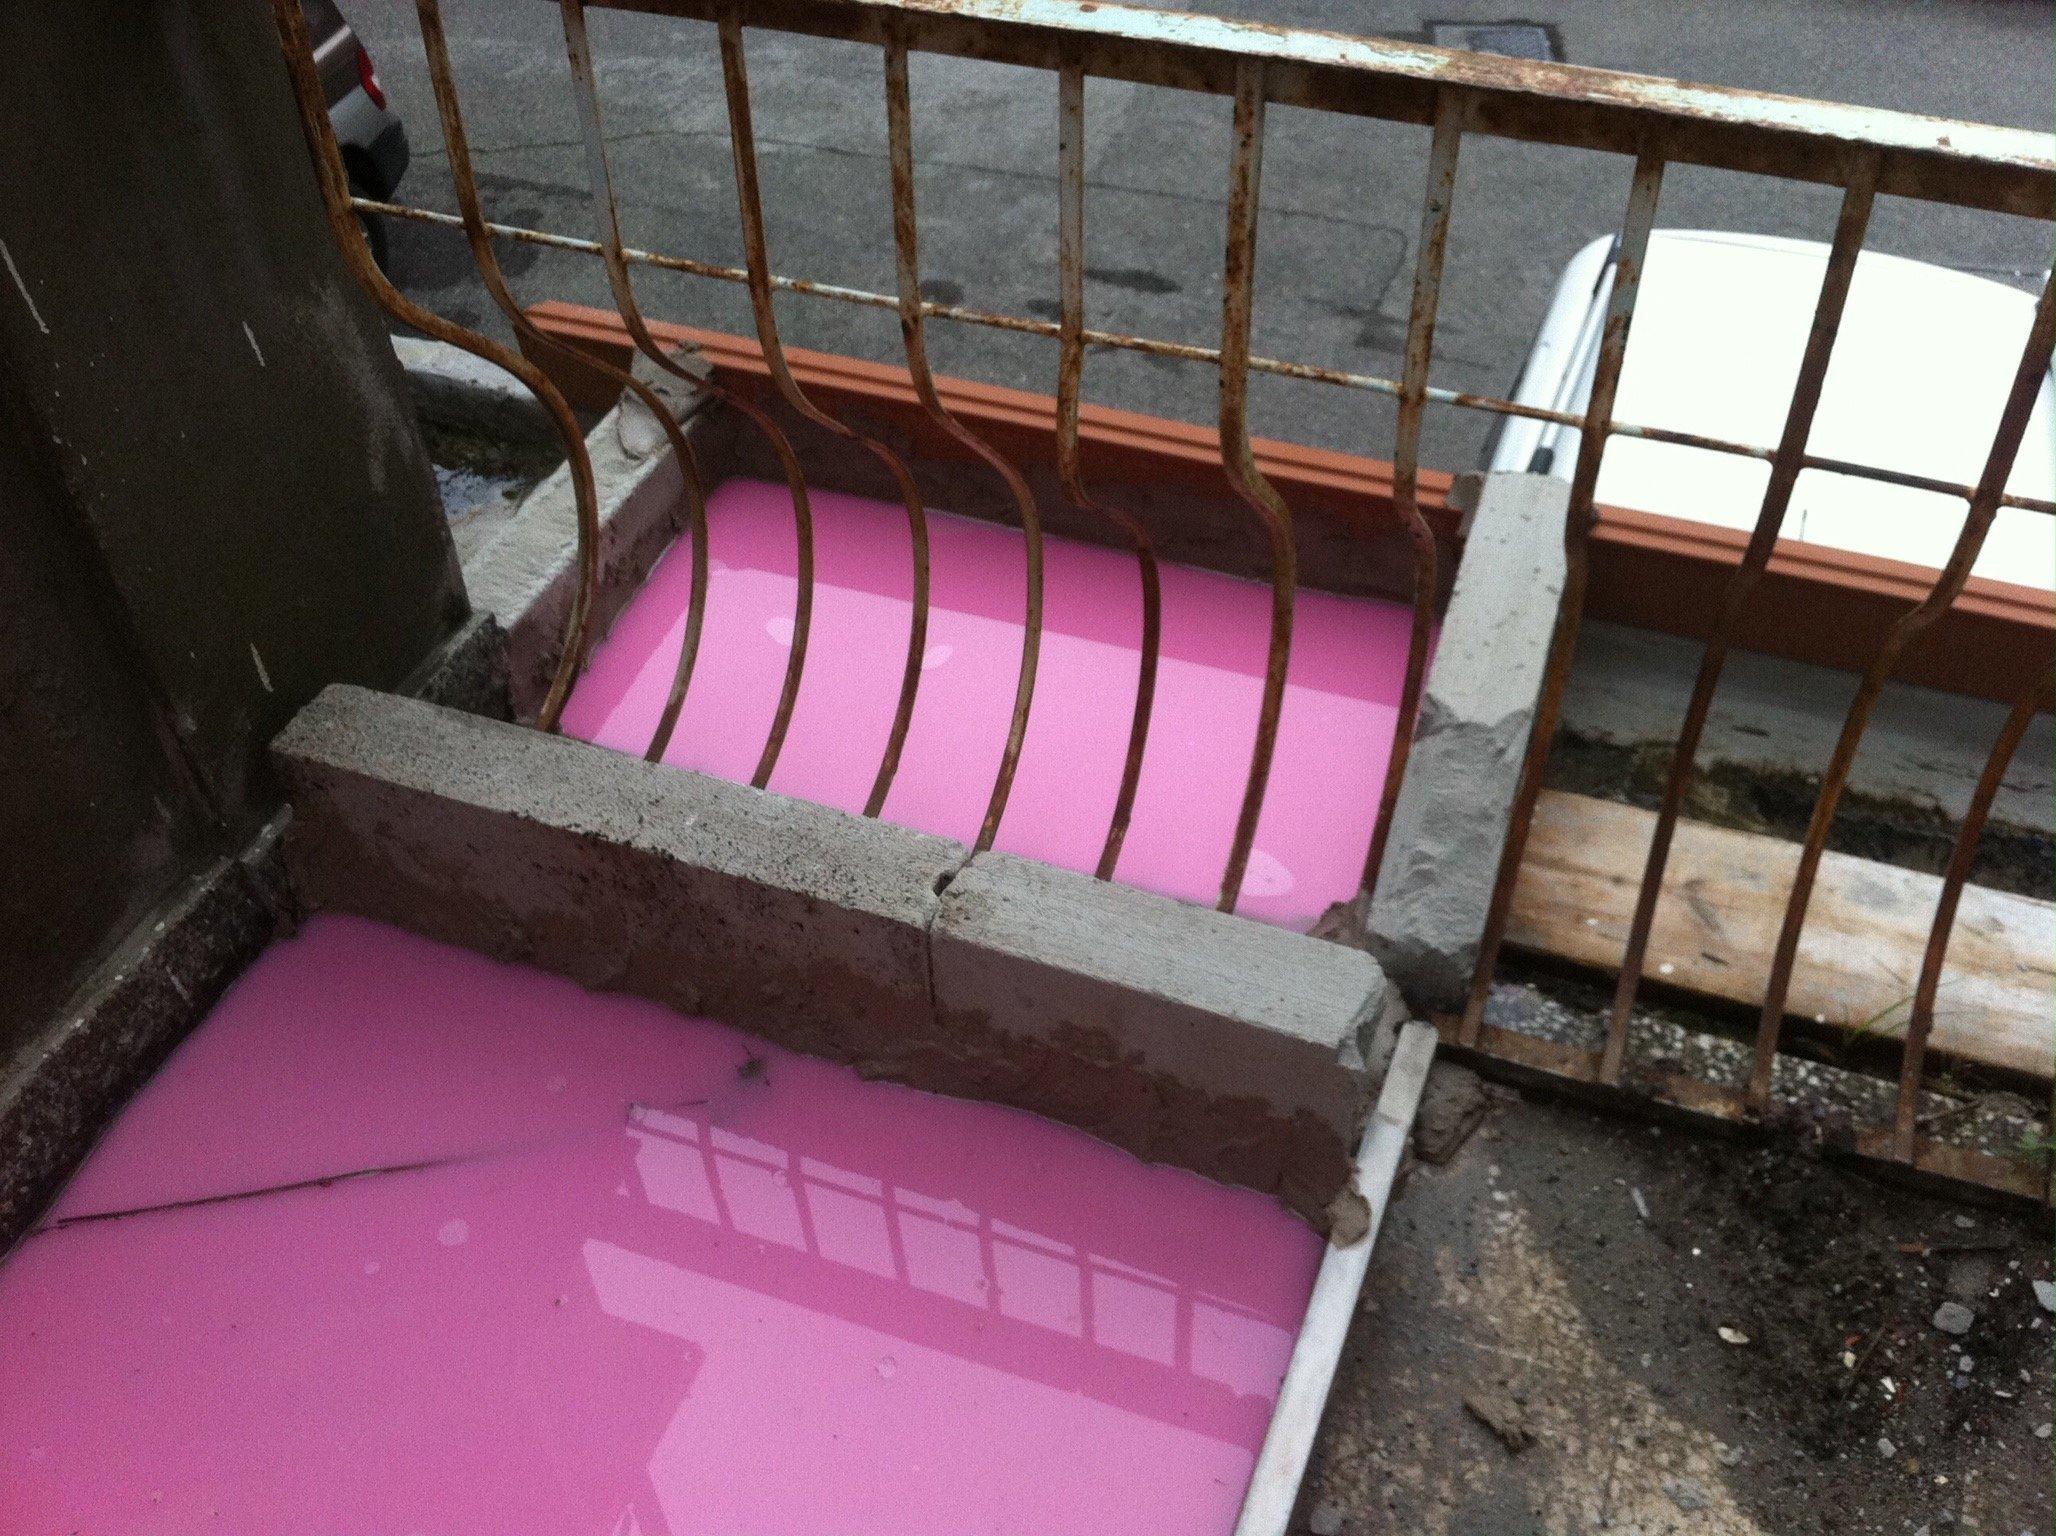 Ringhiera di un balcone; sotto una canaletta con del liquido rosa